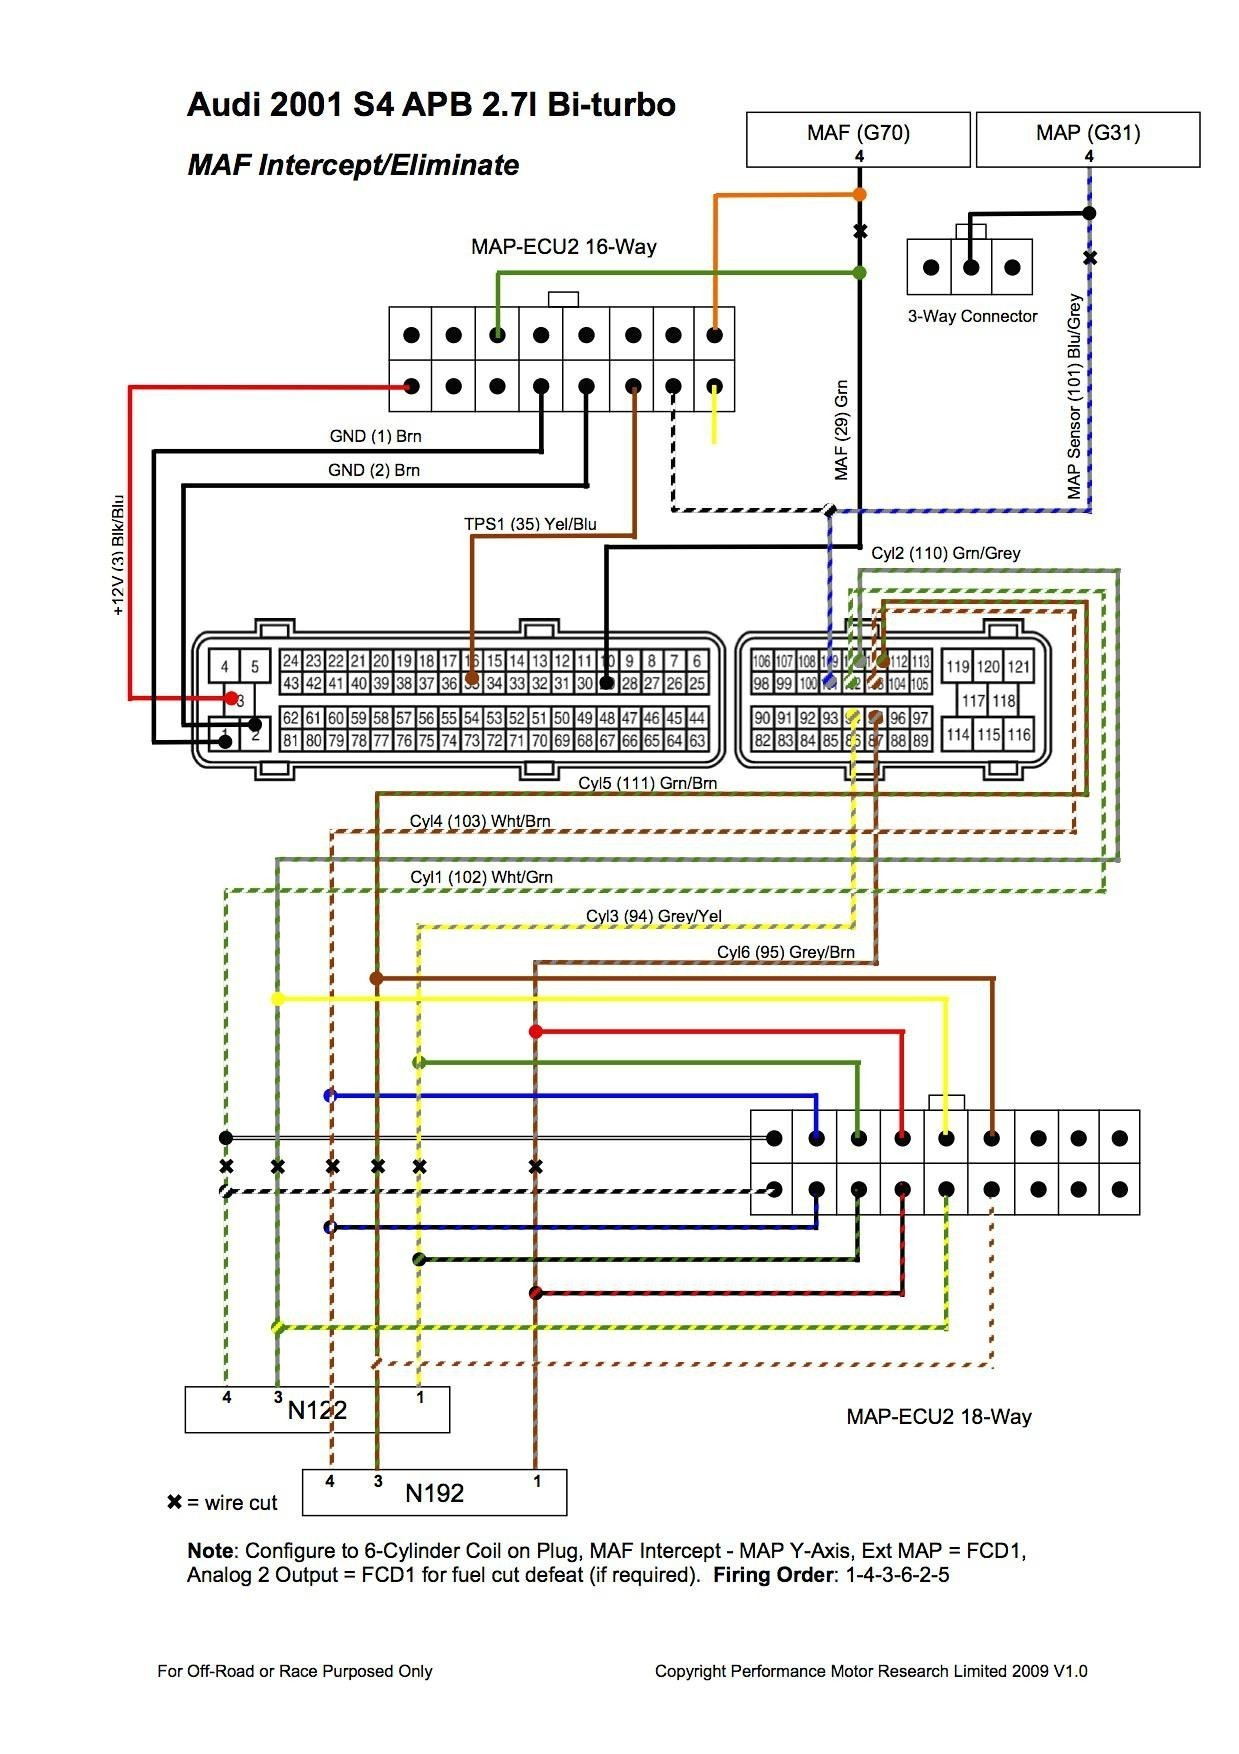 2011 Kia Sorento Starter Wiring Diagram Ground Source Heat Pump Wiring Diagram Goldwings Ati Loro Jeanjaures37 Fr